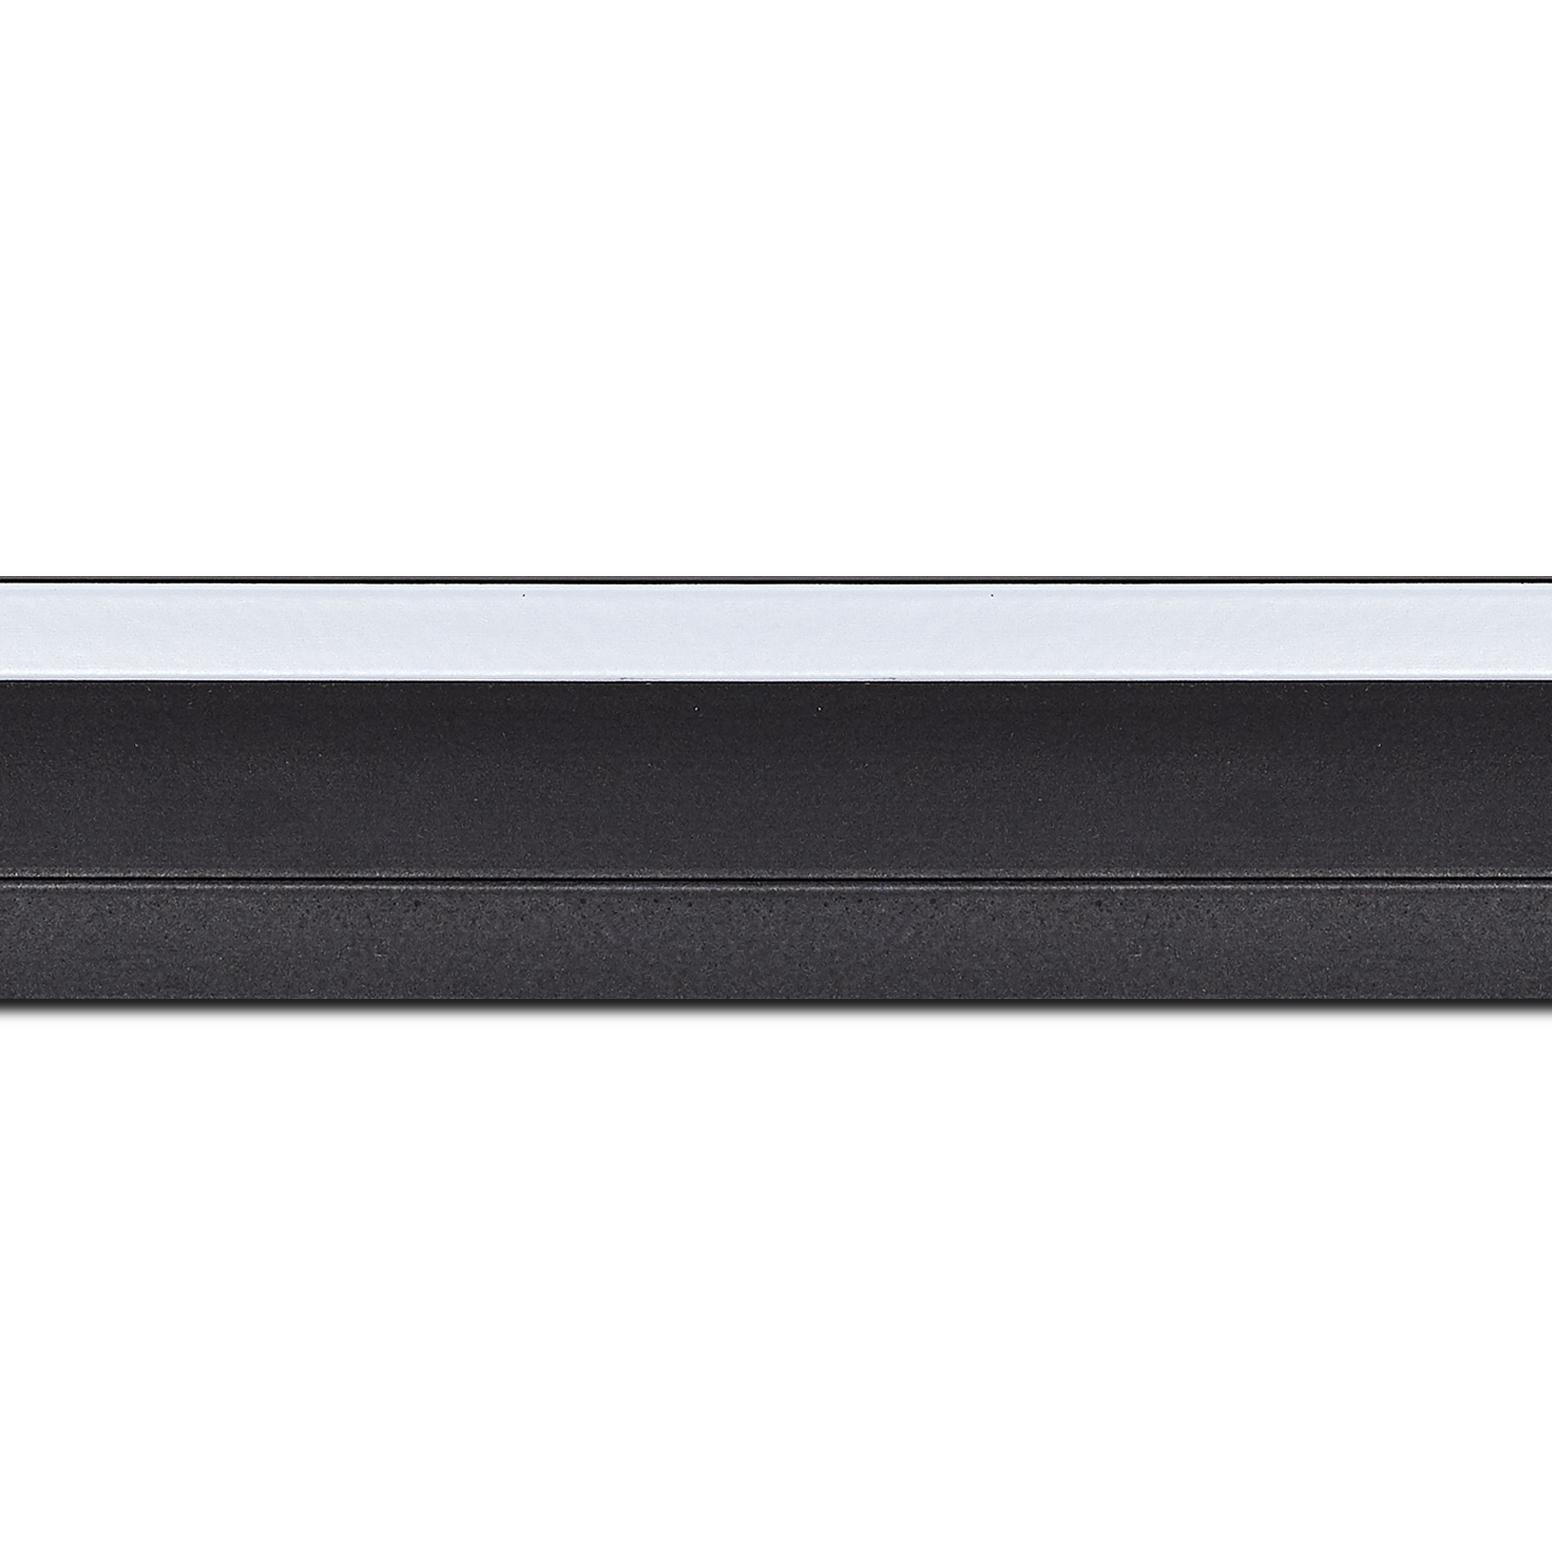 Pack par 12m, bois caisse américaine profil escalier largeur 4.5cm noir mat filet blanc (spécialement conçu pour les châssis d'une épaisseur jusqu'à 2.5cm )(longueur baguette pouvant varier entre 2.40m et 3m selon arrivage des bois)